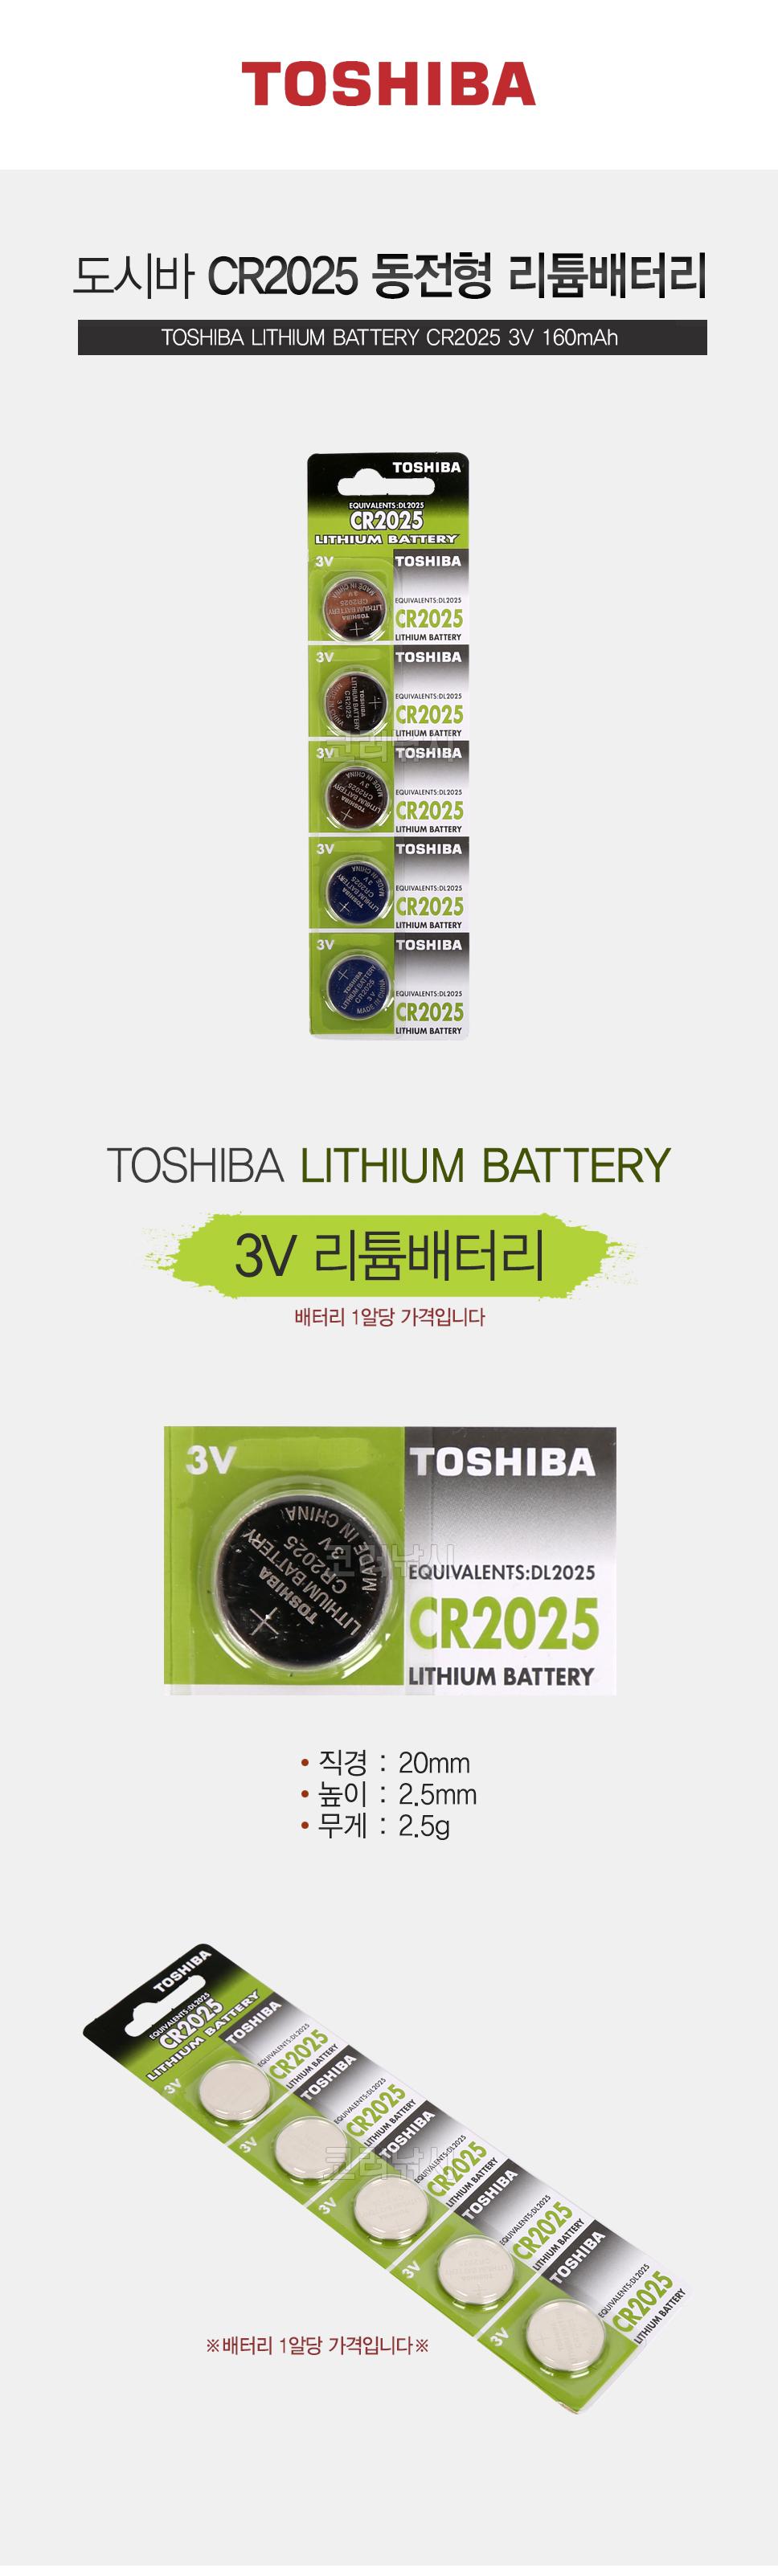 도시바 CR2025 동전형 리튬배터리(1개당가격)  리튬밧데리 리튬전지 동전전지